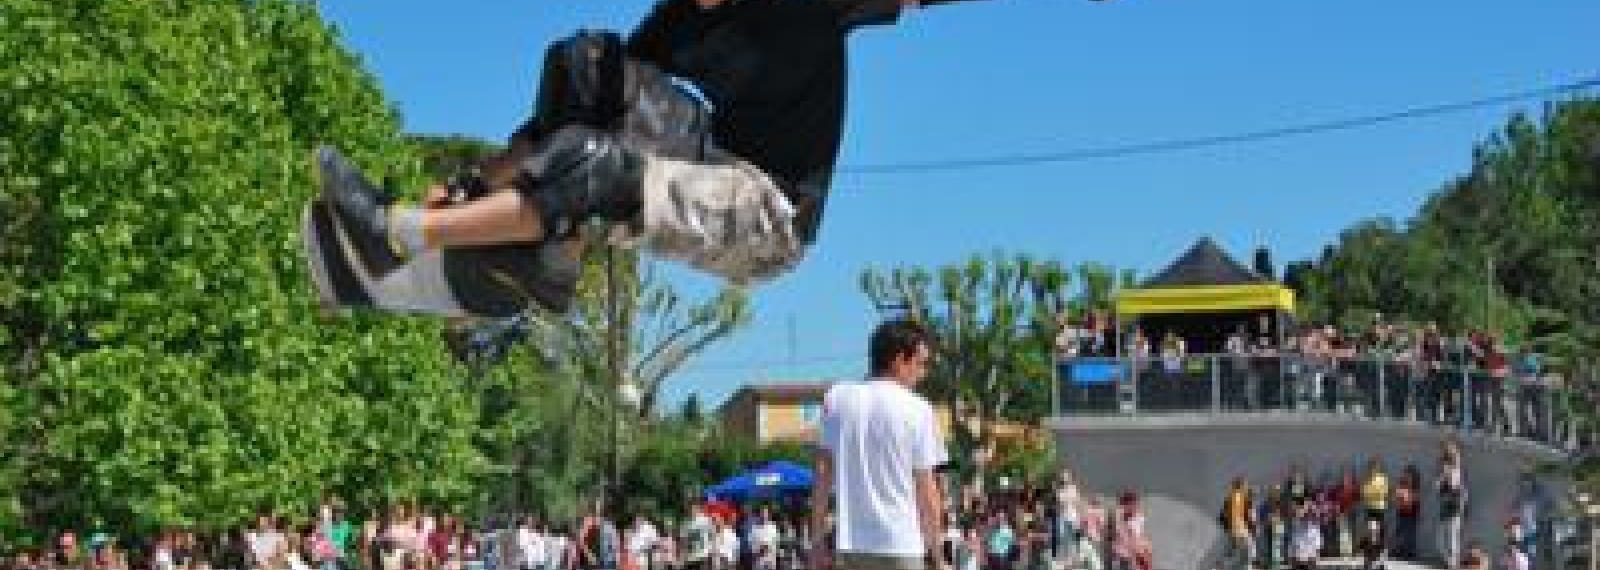 La Crau-Pole (équipement sportif polyvalent)